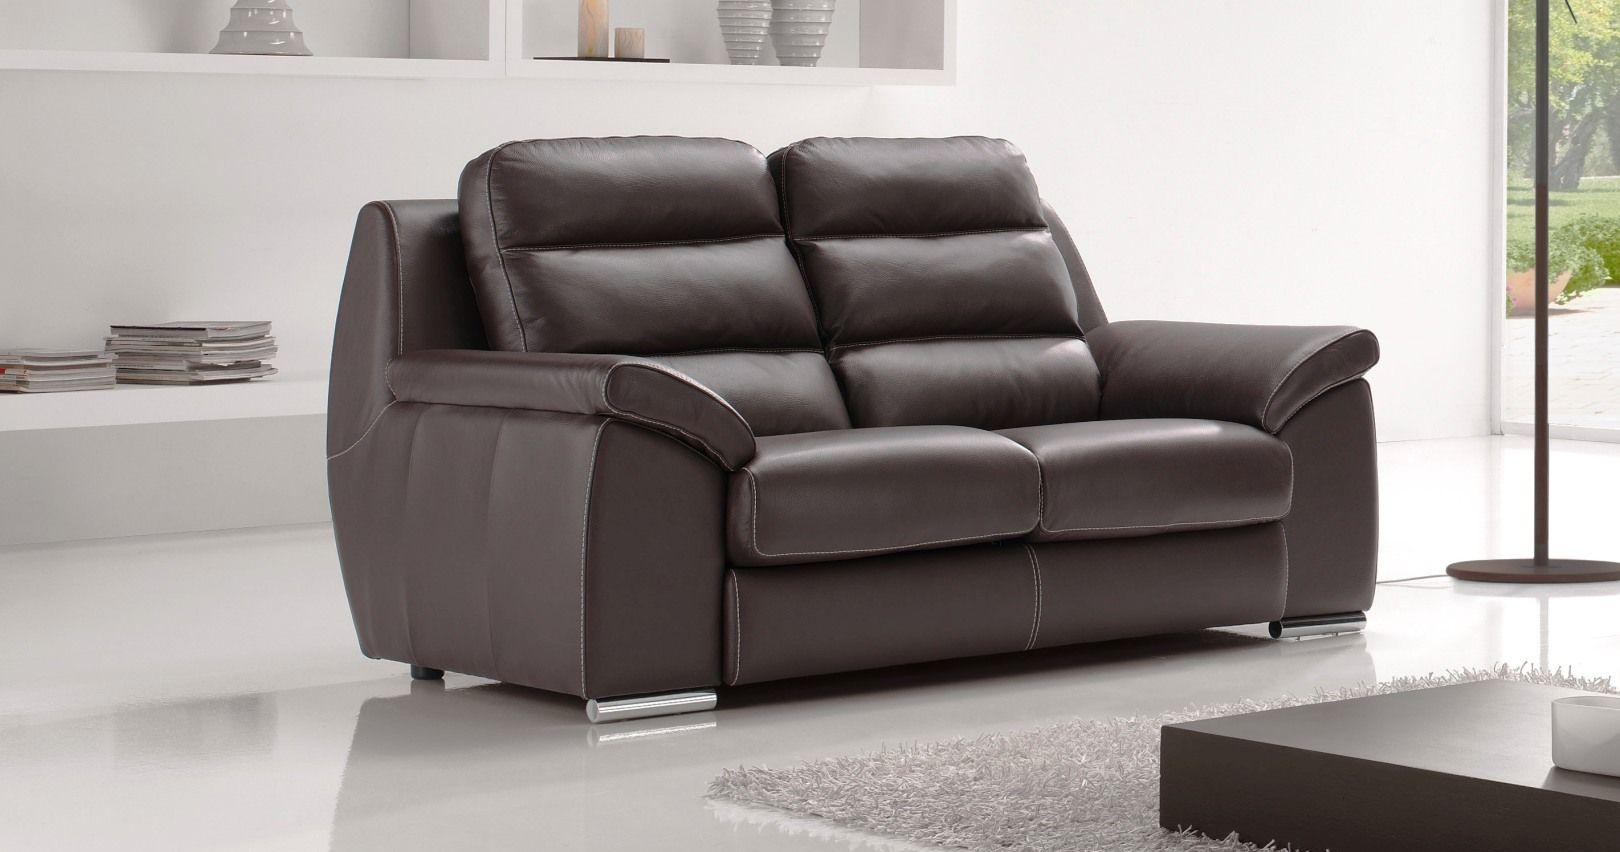 monaco option assises coulissantes buffle ou vachette personnalisable sur univers du cuir. Black Bedroom Furniture Sets. Home Design Ideas